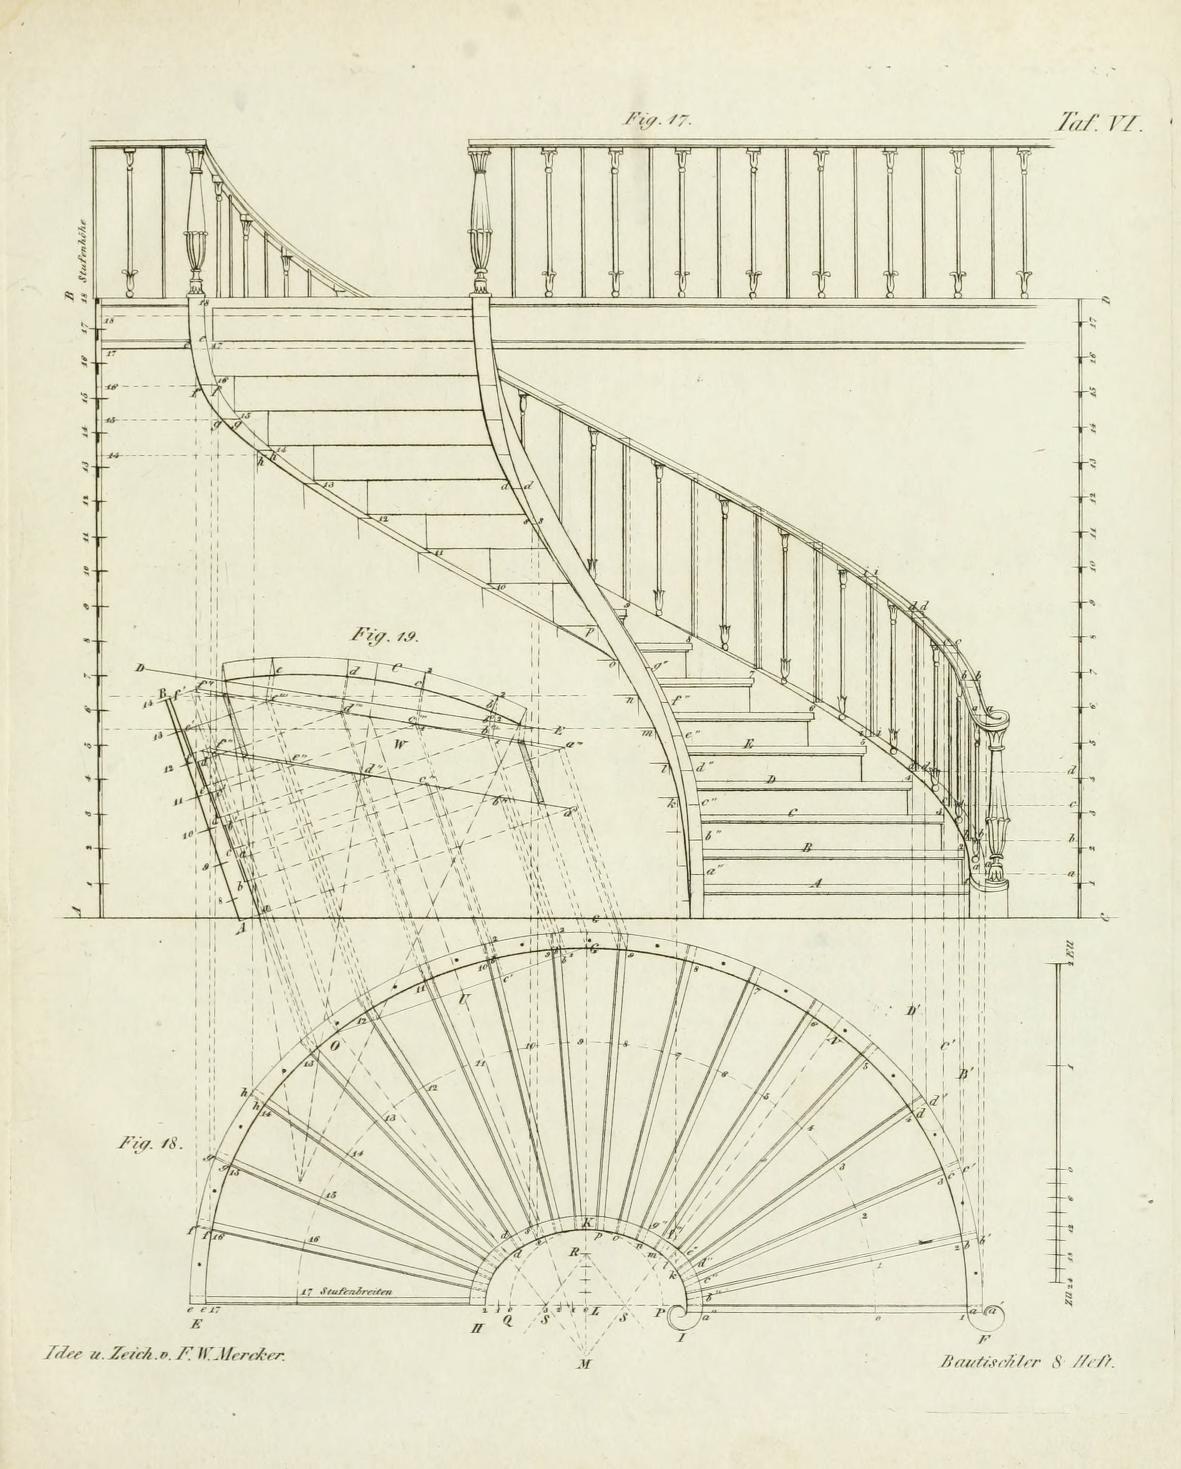 Die Mappe Des Bautischlers Oder Ideen Zu Thorwegen Hausthuren Doppelthuren Vorsetzern Stubenthuren Gewo Stairs Architecture Spiral Stairs Stairs Design